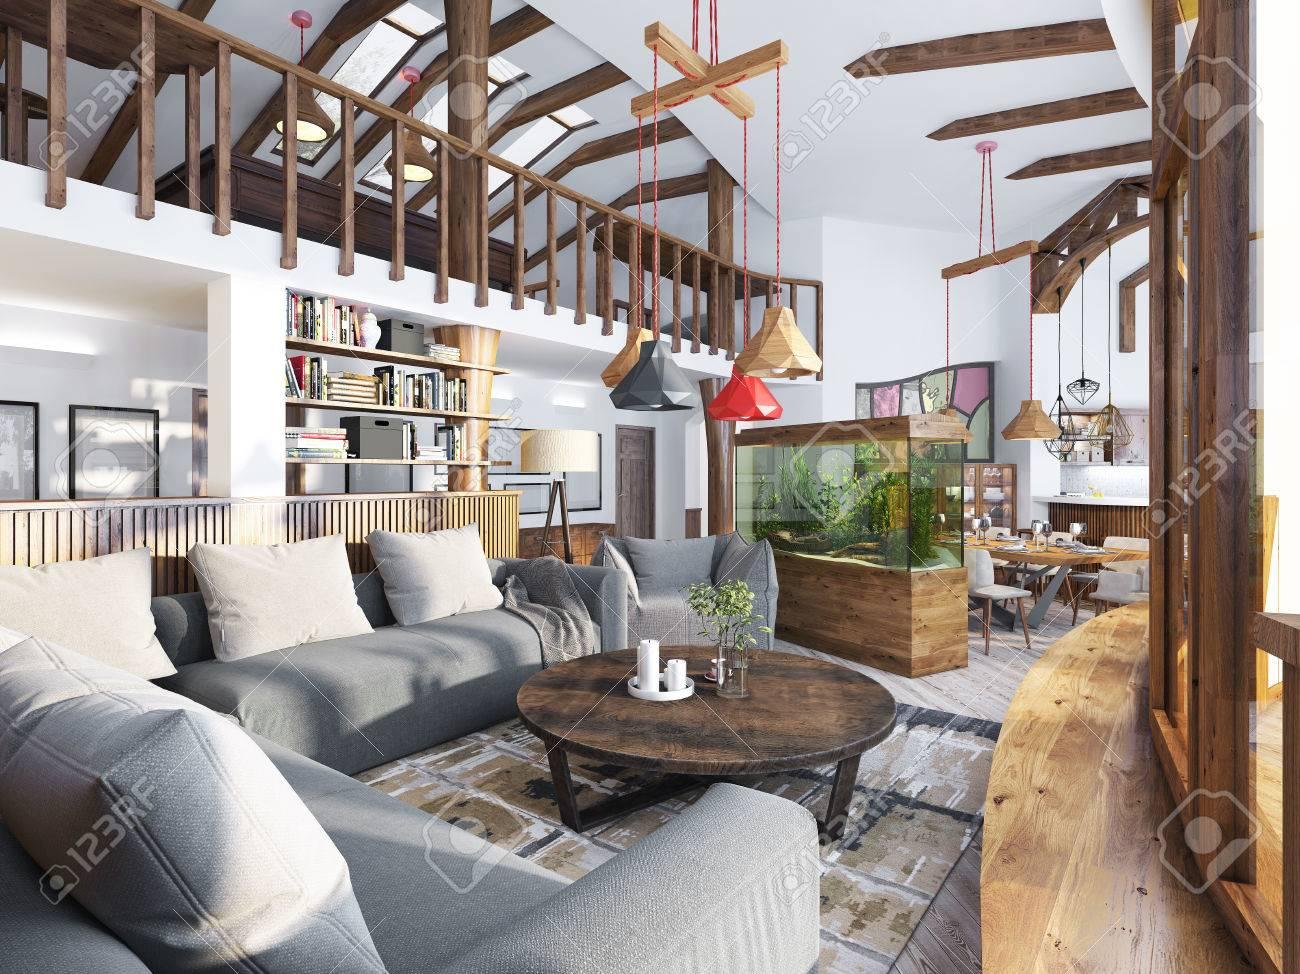 Relativ Großes Wohnzimmer Studio Mit Einer Küchenzeile Und Einem Balkon In PT37